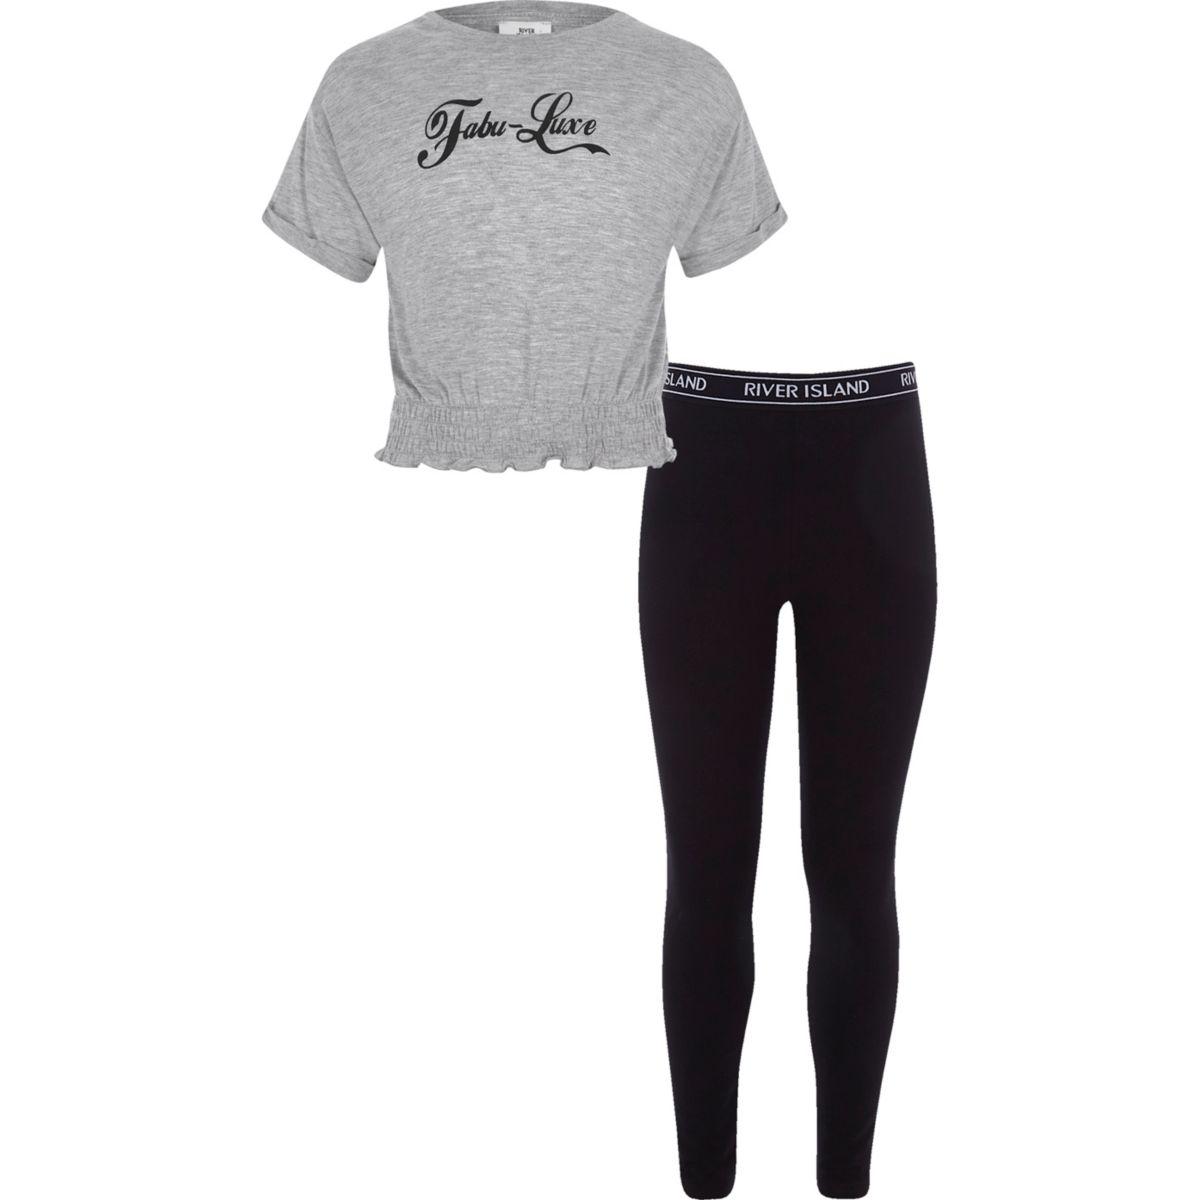 Ensemble legging RI et t-shirt gris pour fille